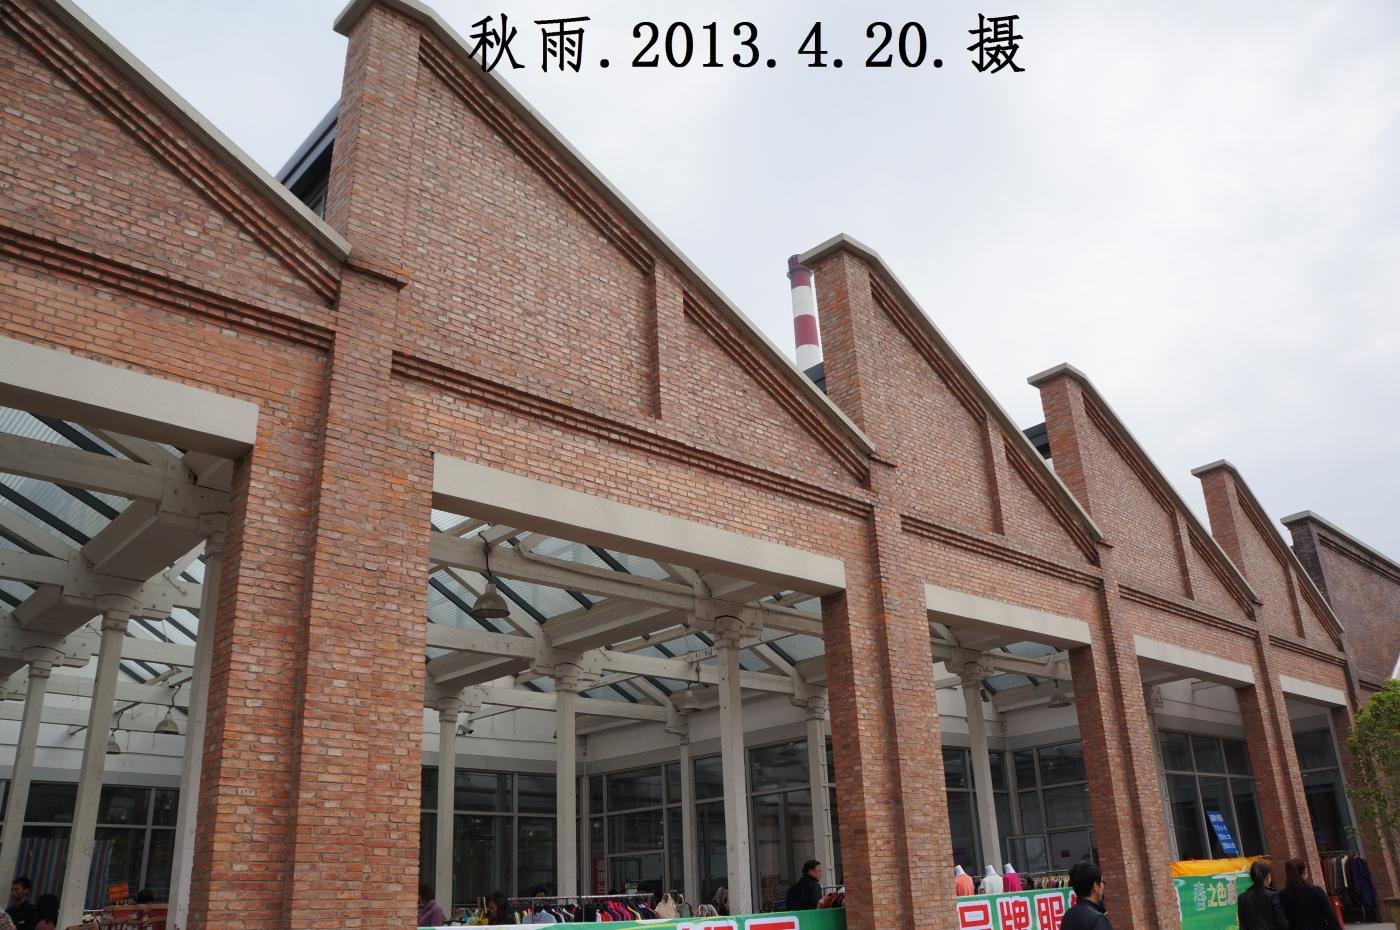 上海国际时尚中心,原国棉十七厂旧址(1),修旧如旧。摄影原创。 ..._图1-11